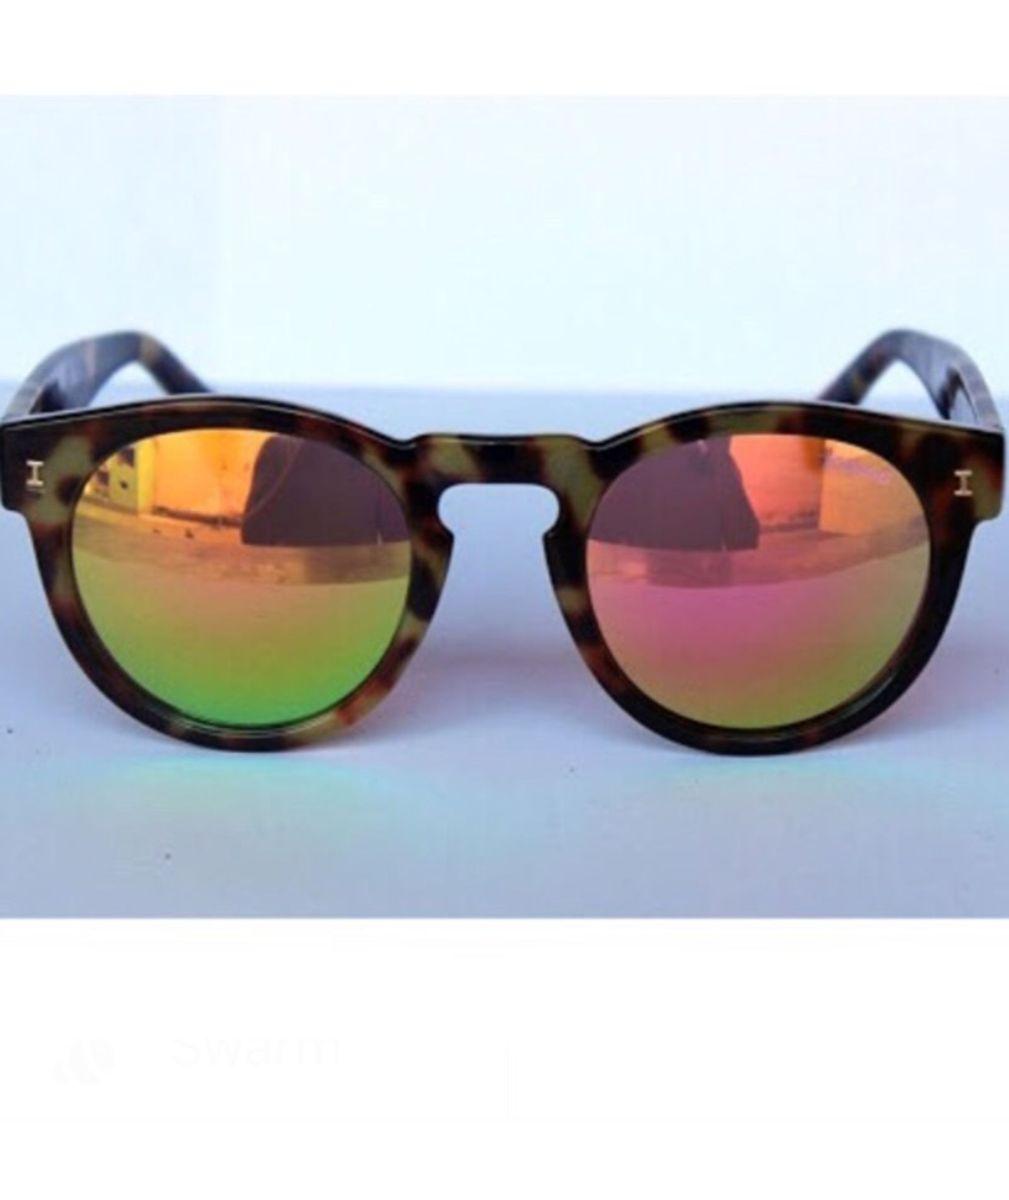 dc62a35861471 illesteva leonard onça - óculos sem marca.  Czm6ly9wag90b3muzw5qb2vplmnvbs5ici9wcm9kdwn0cy85mdgwmduvyzfkotdiotnhyzvlngeznwiynmzjngi1ndyyzjc1y2iuanbn  ...